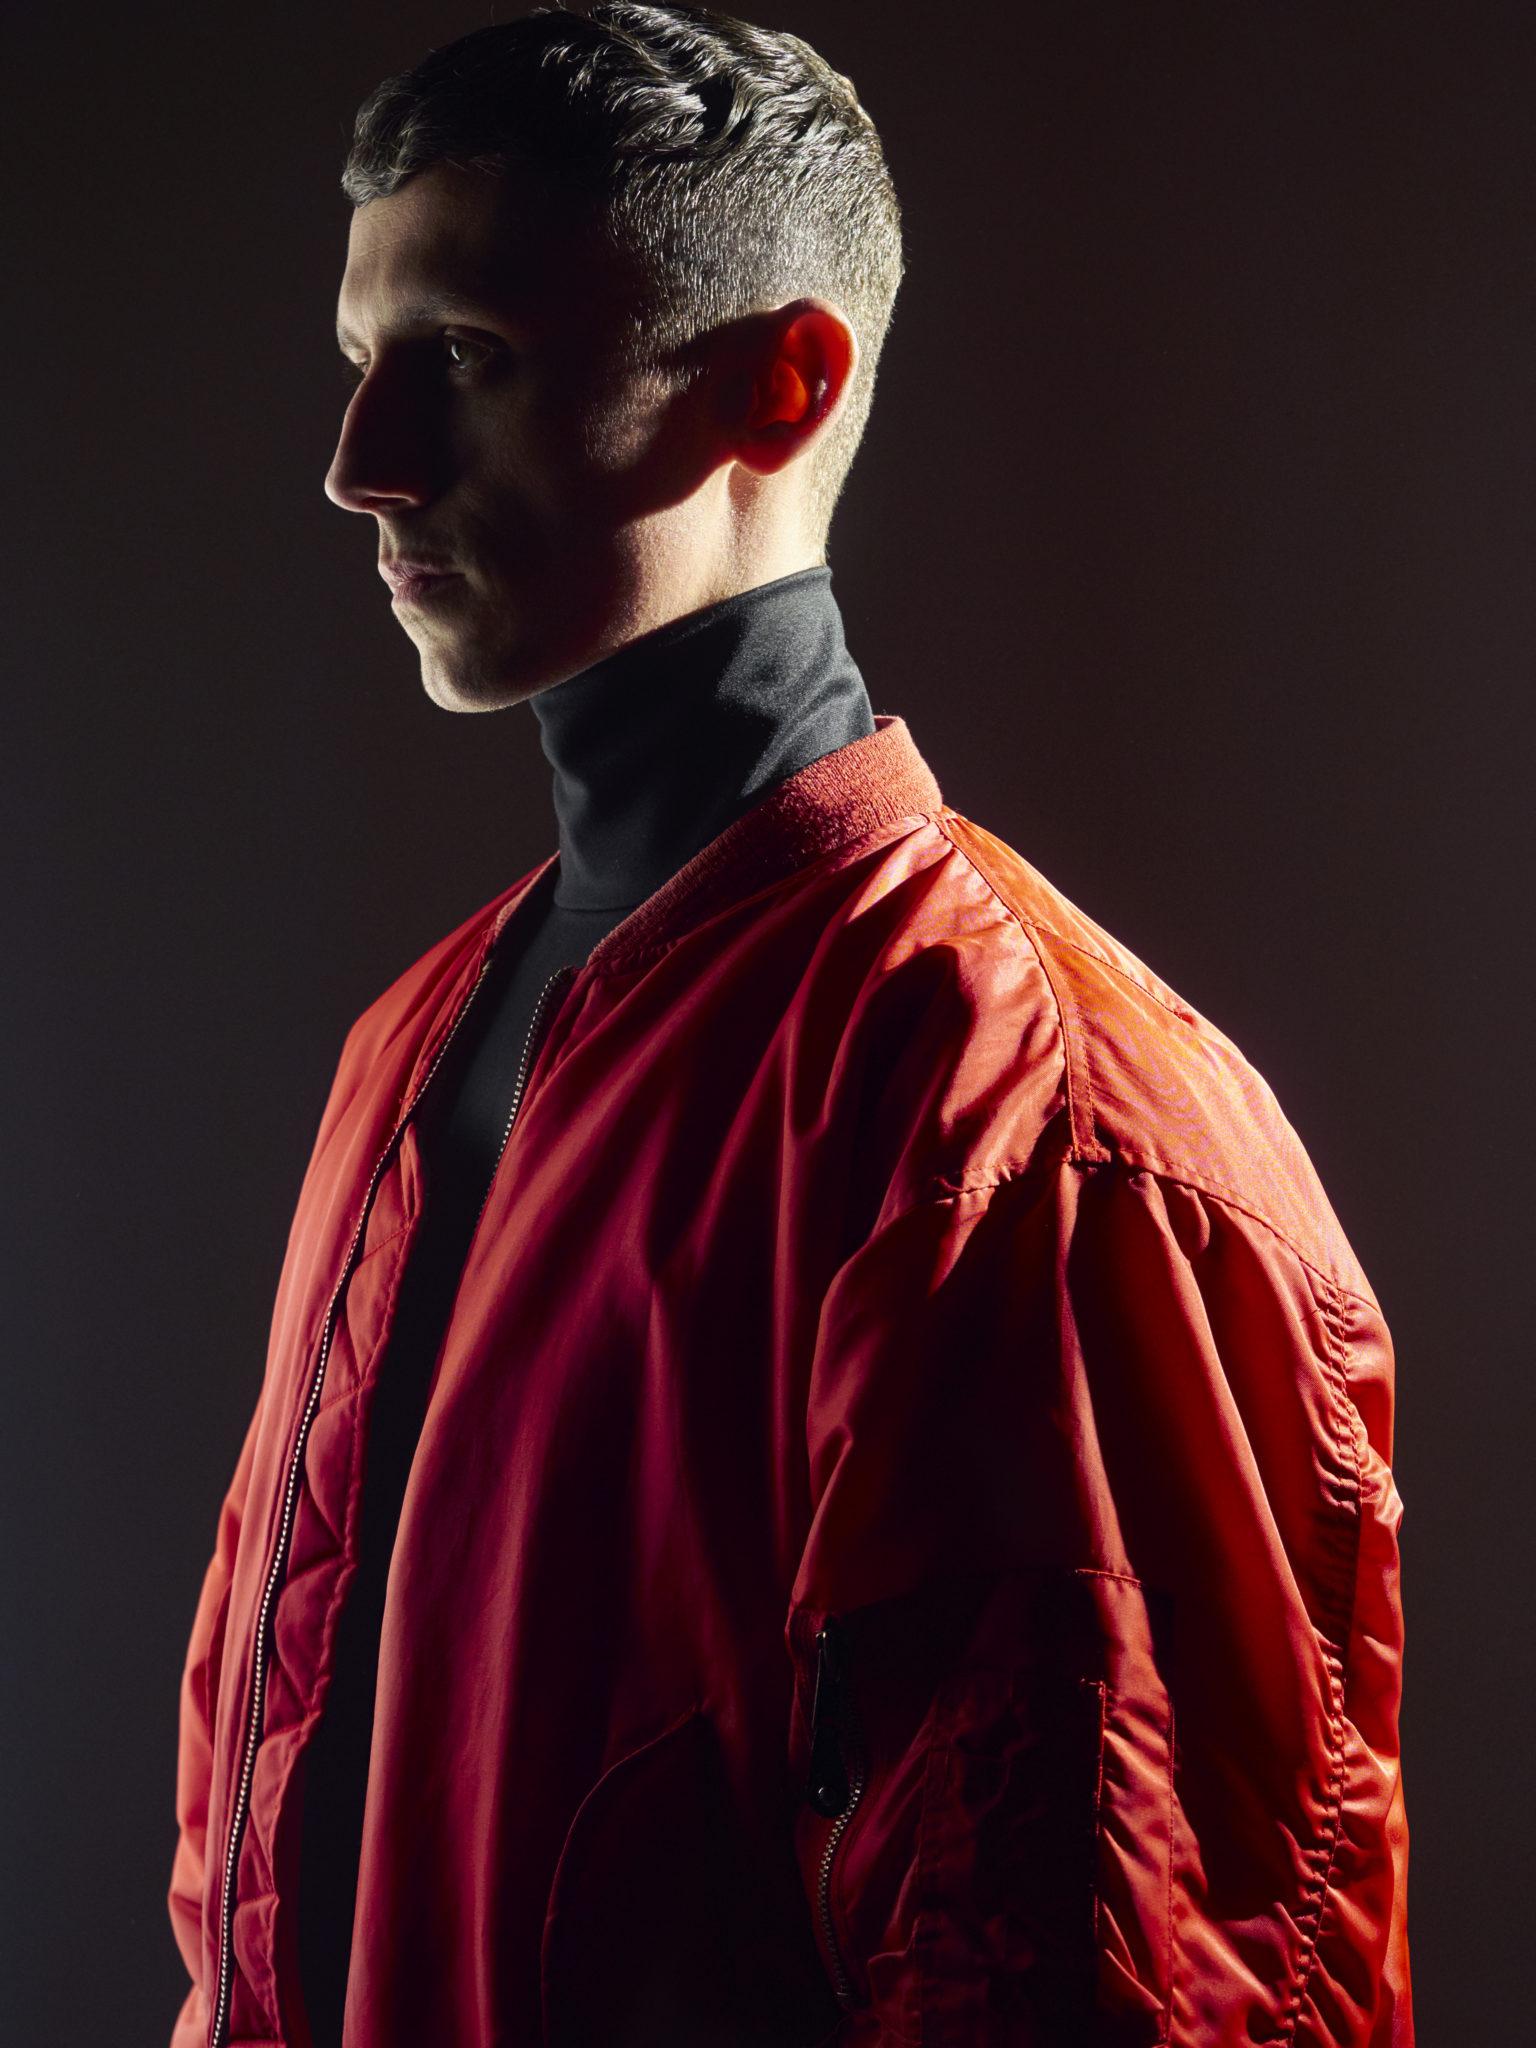 Ciemne zdjęcie mężczyzny ubranego w czerwoną bomberkę i siwy golf stojący profilem na ciemnym tle